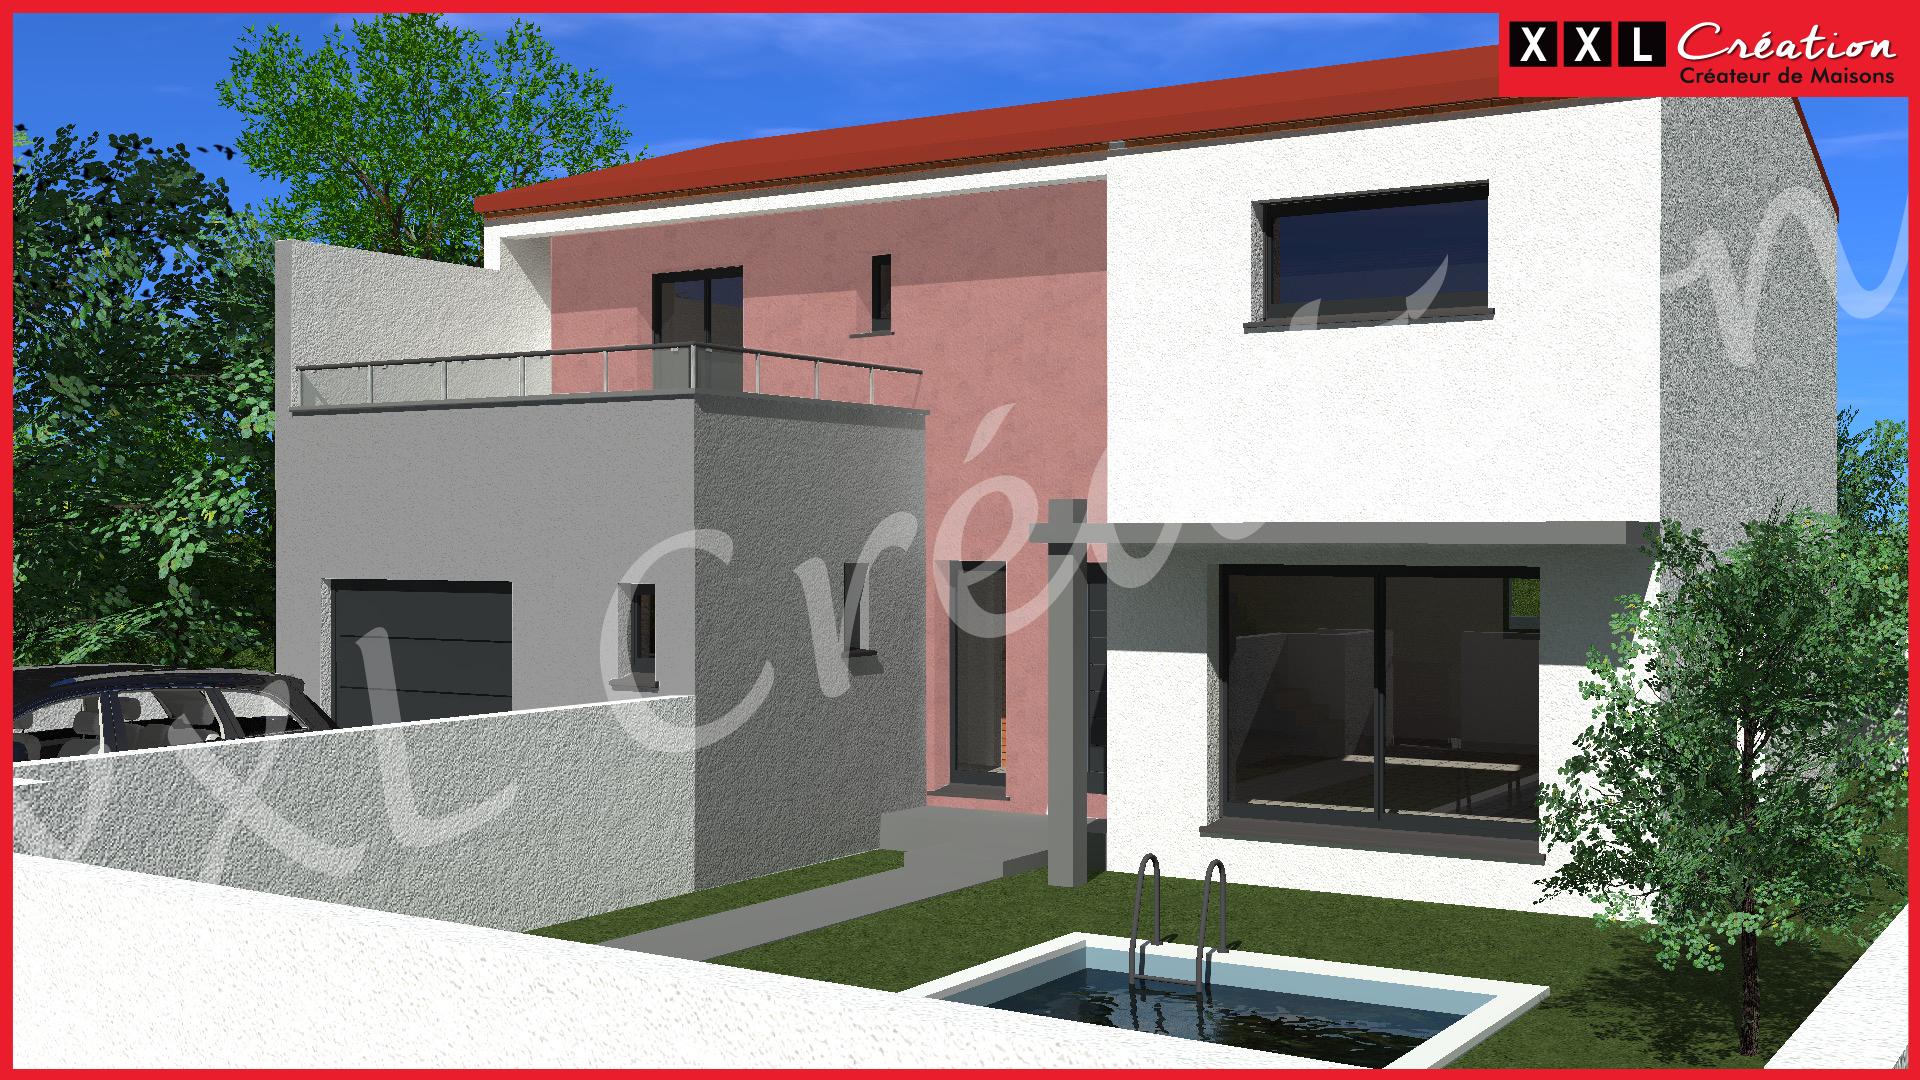 Maisons + Terrains du constructeur XXL CREATION • 100 m² • FOURQUES